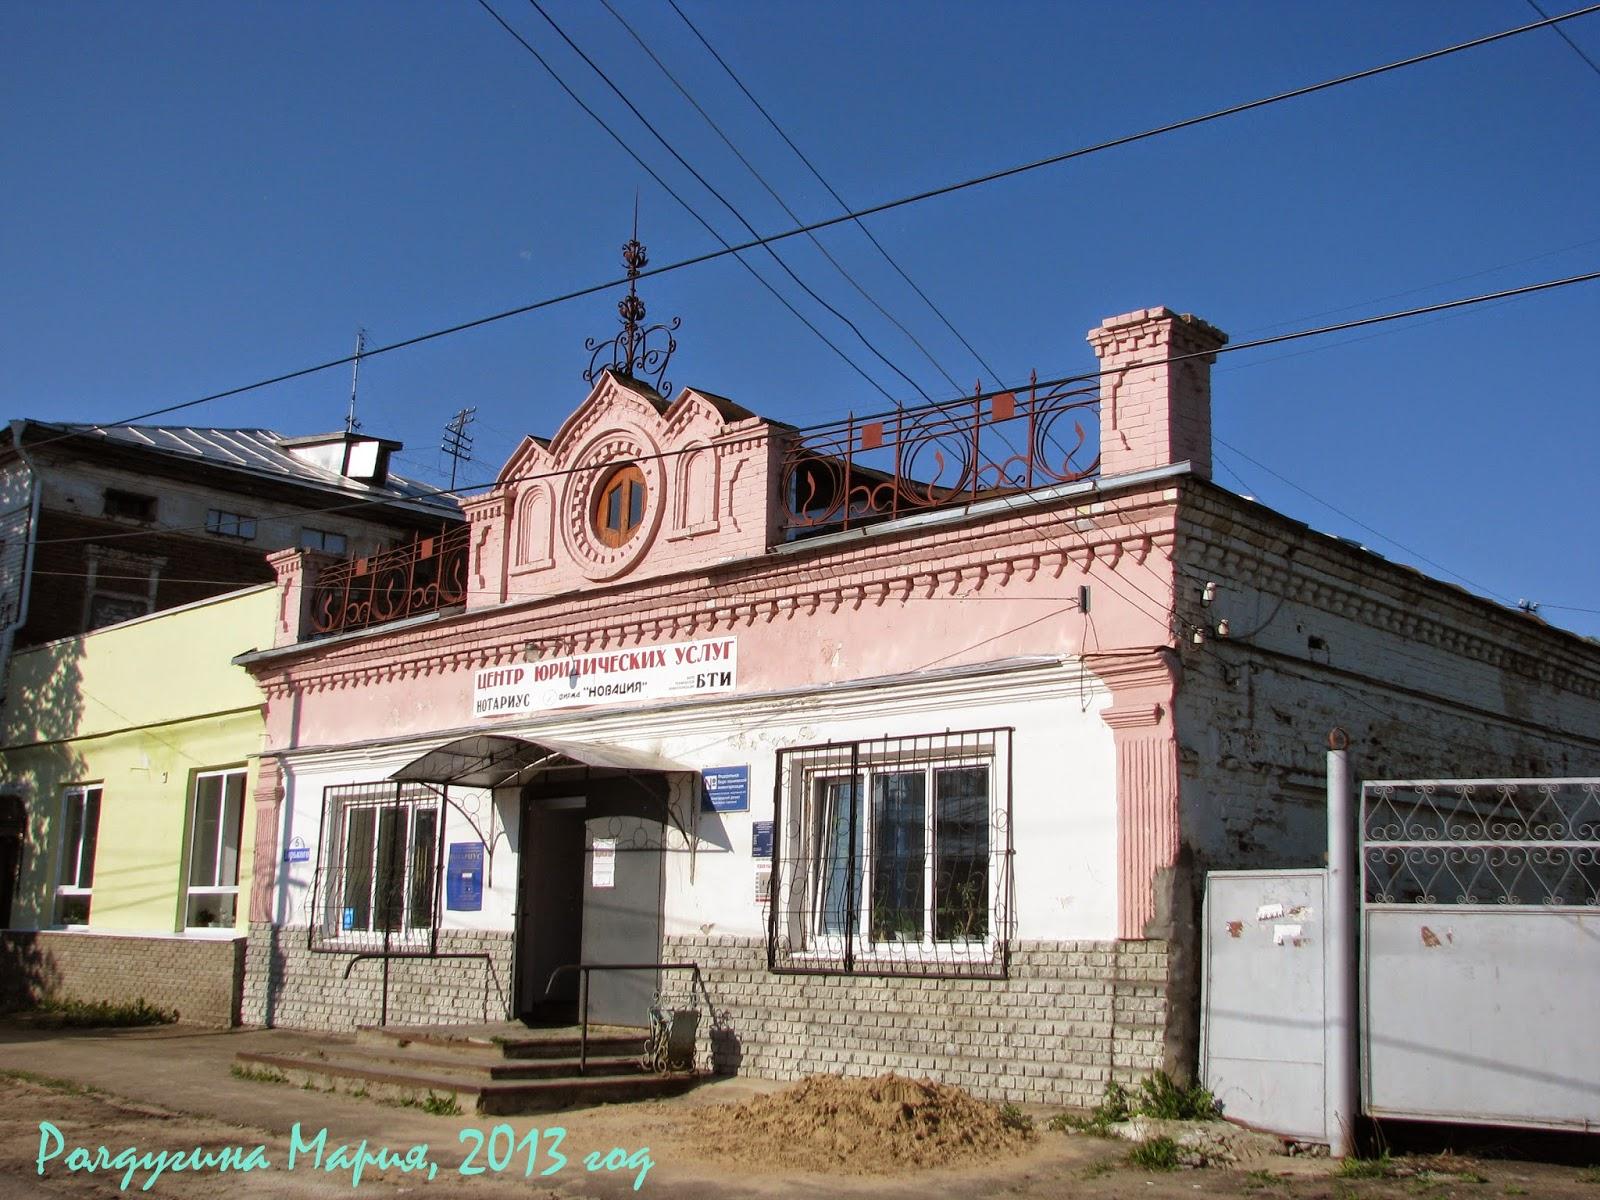 Лысково Нижегородская область БТИ